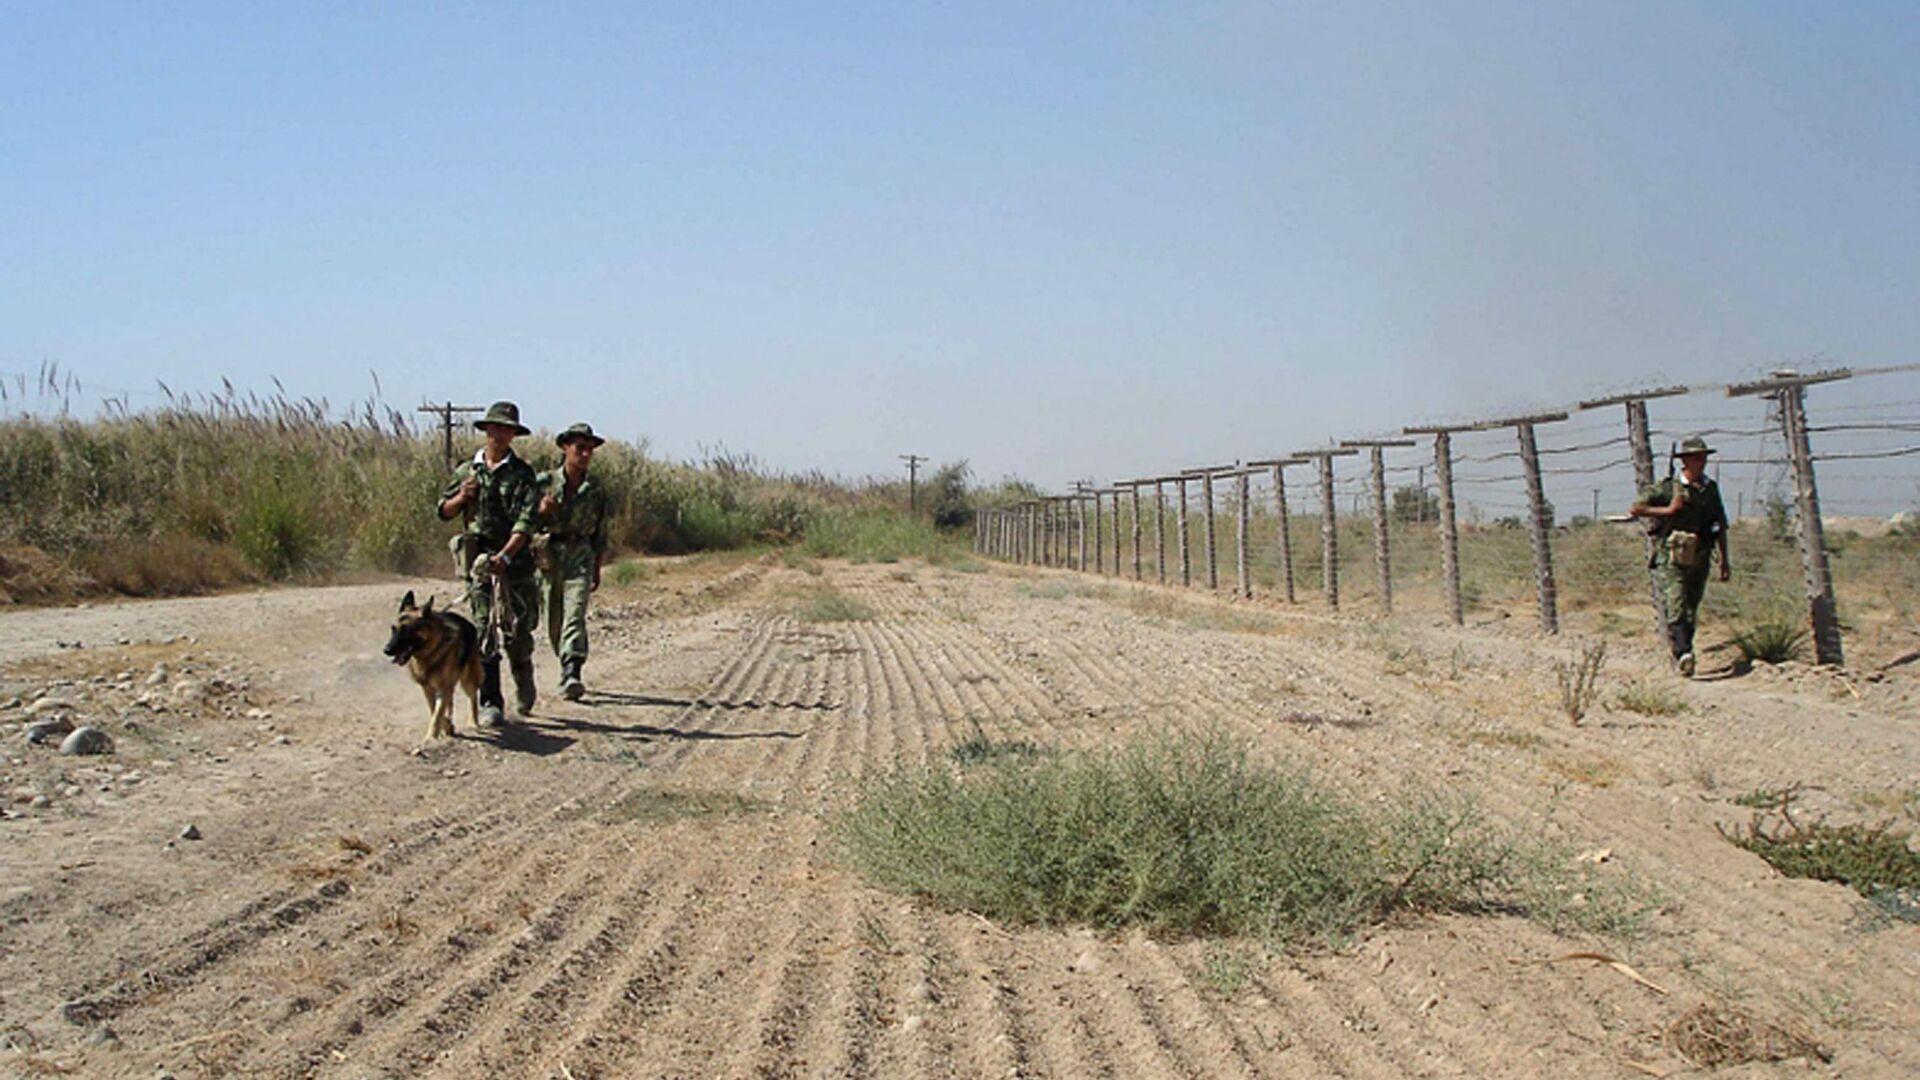 Guardie di frontiera tagike al confine con l'Afghanistan - Sputnik Italia, 1920, 23.08.2021